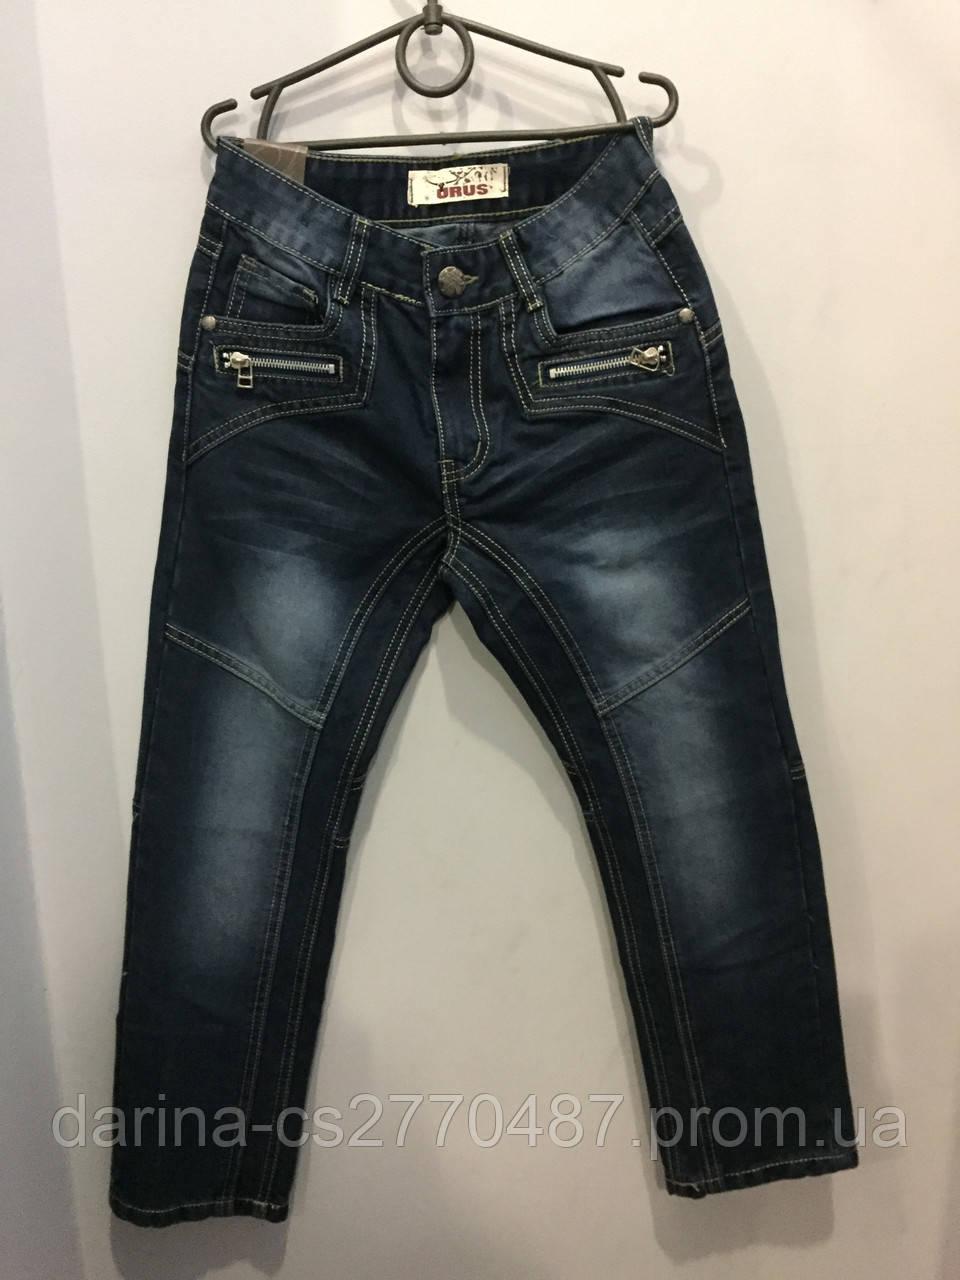 Демисезонные джинсовые брюки на подростка 140,146,152 см